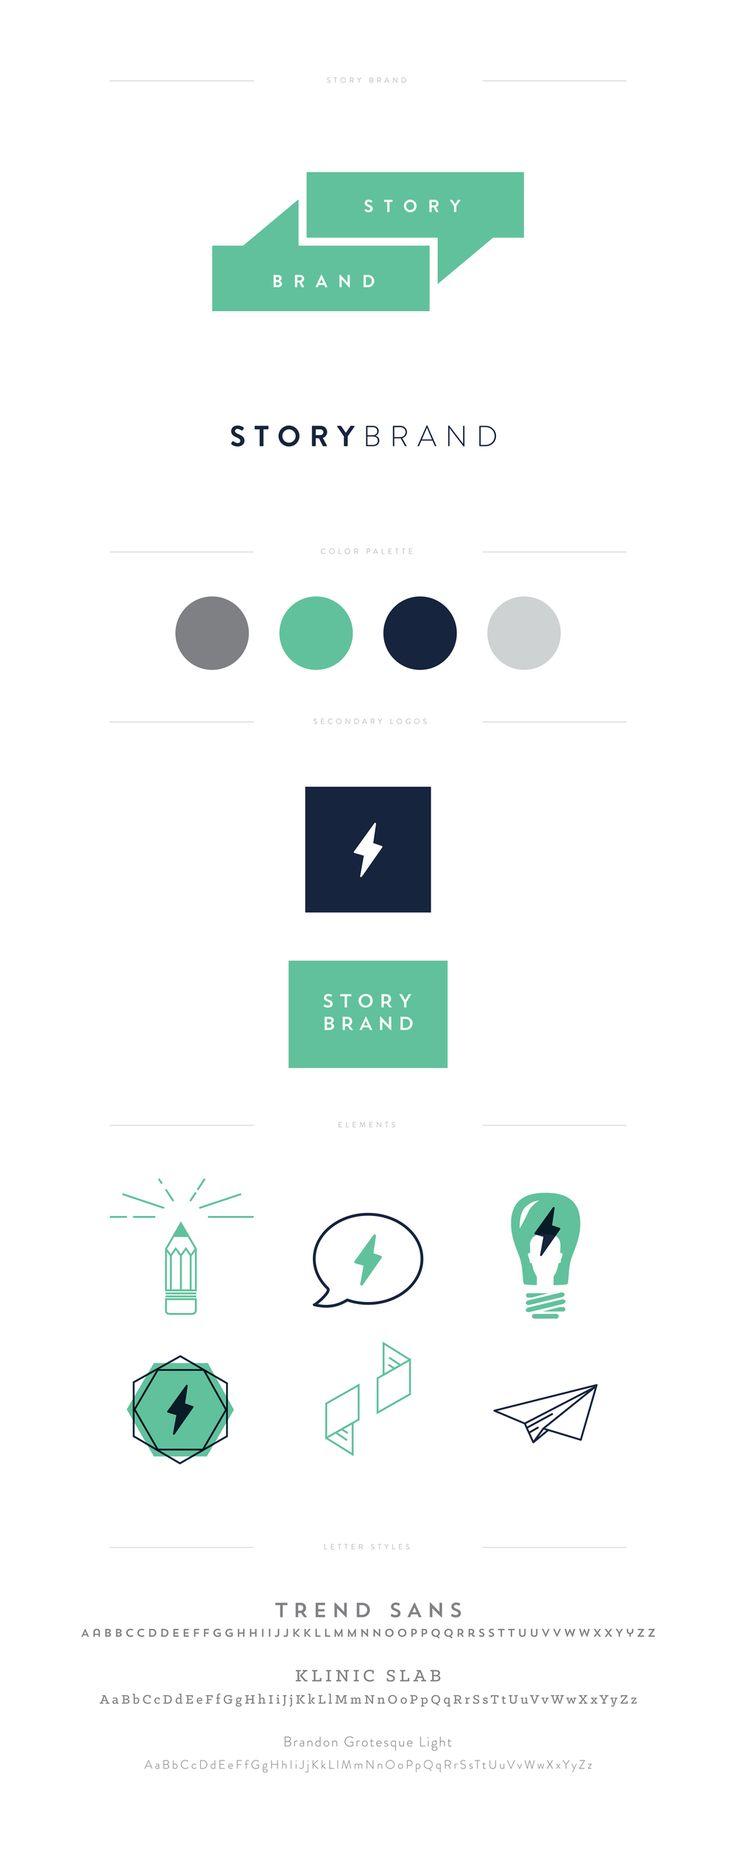 StoryBrand brand launch and mood board by Lauren Ledbetter, Brand Designer.